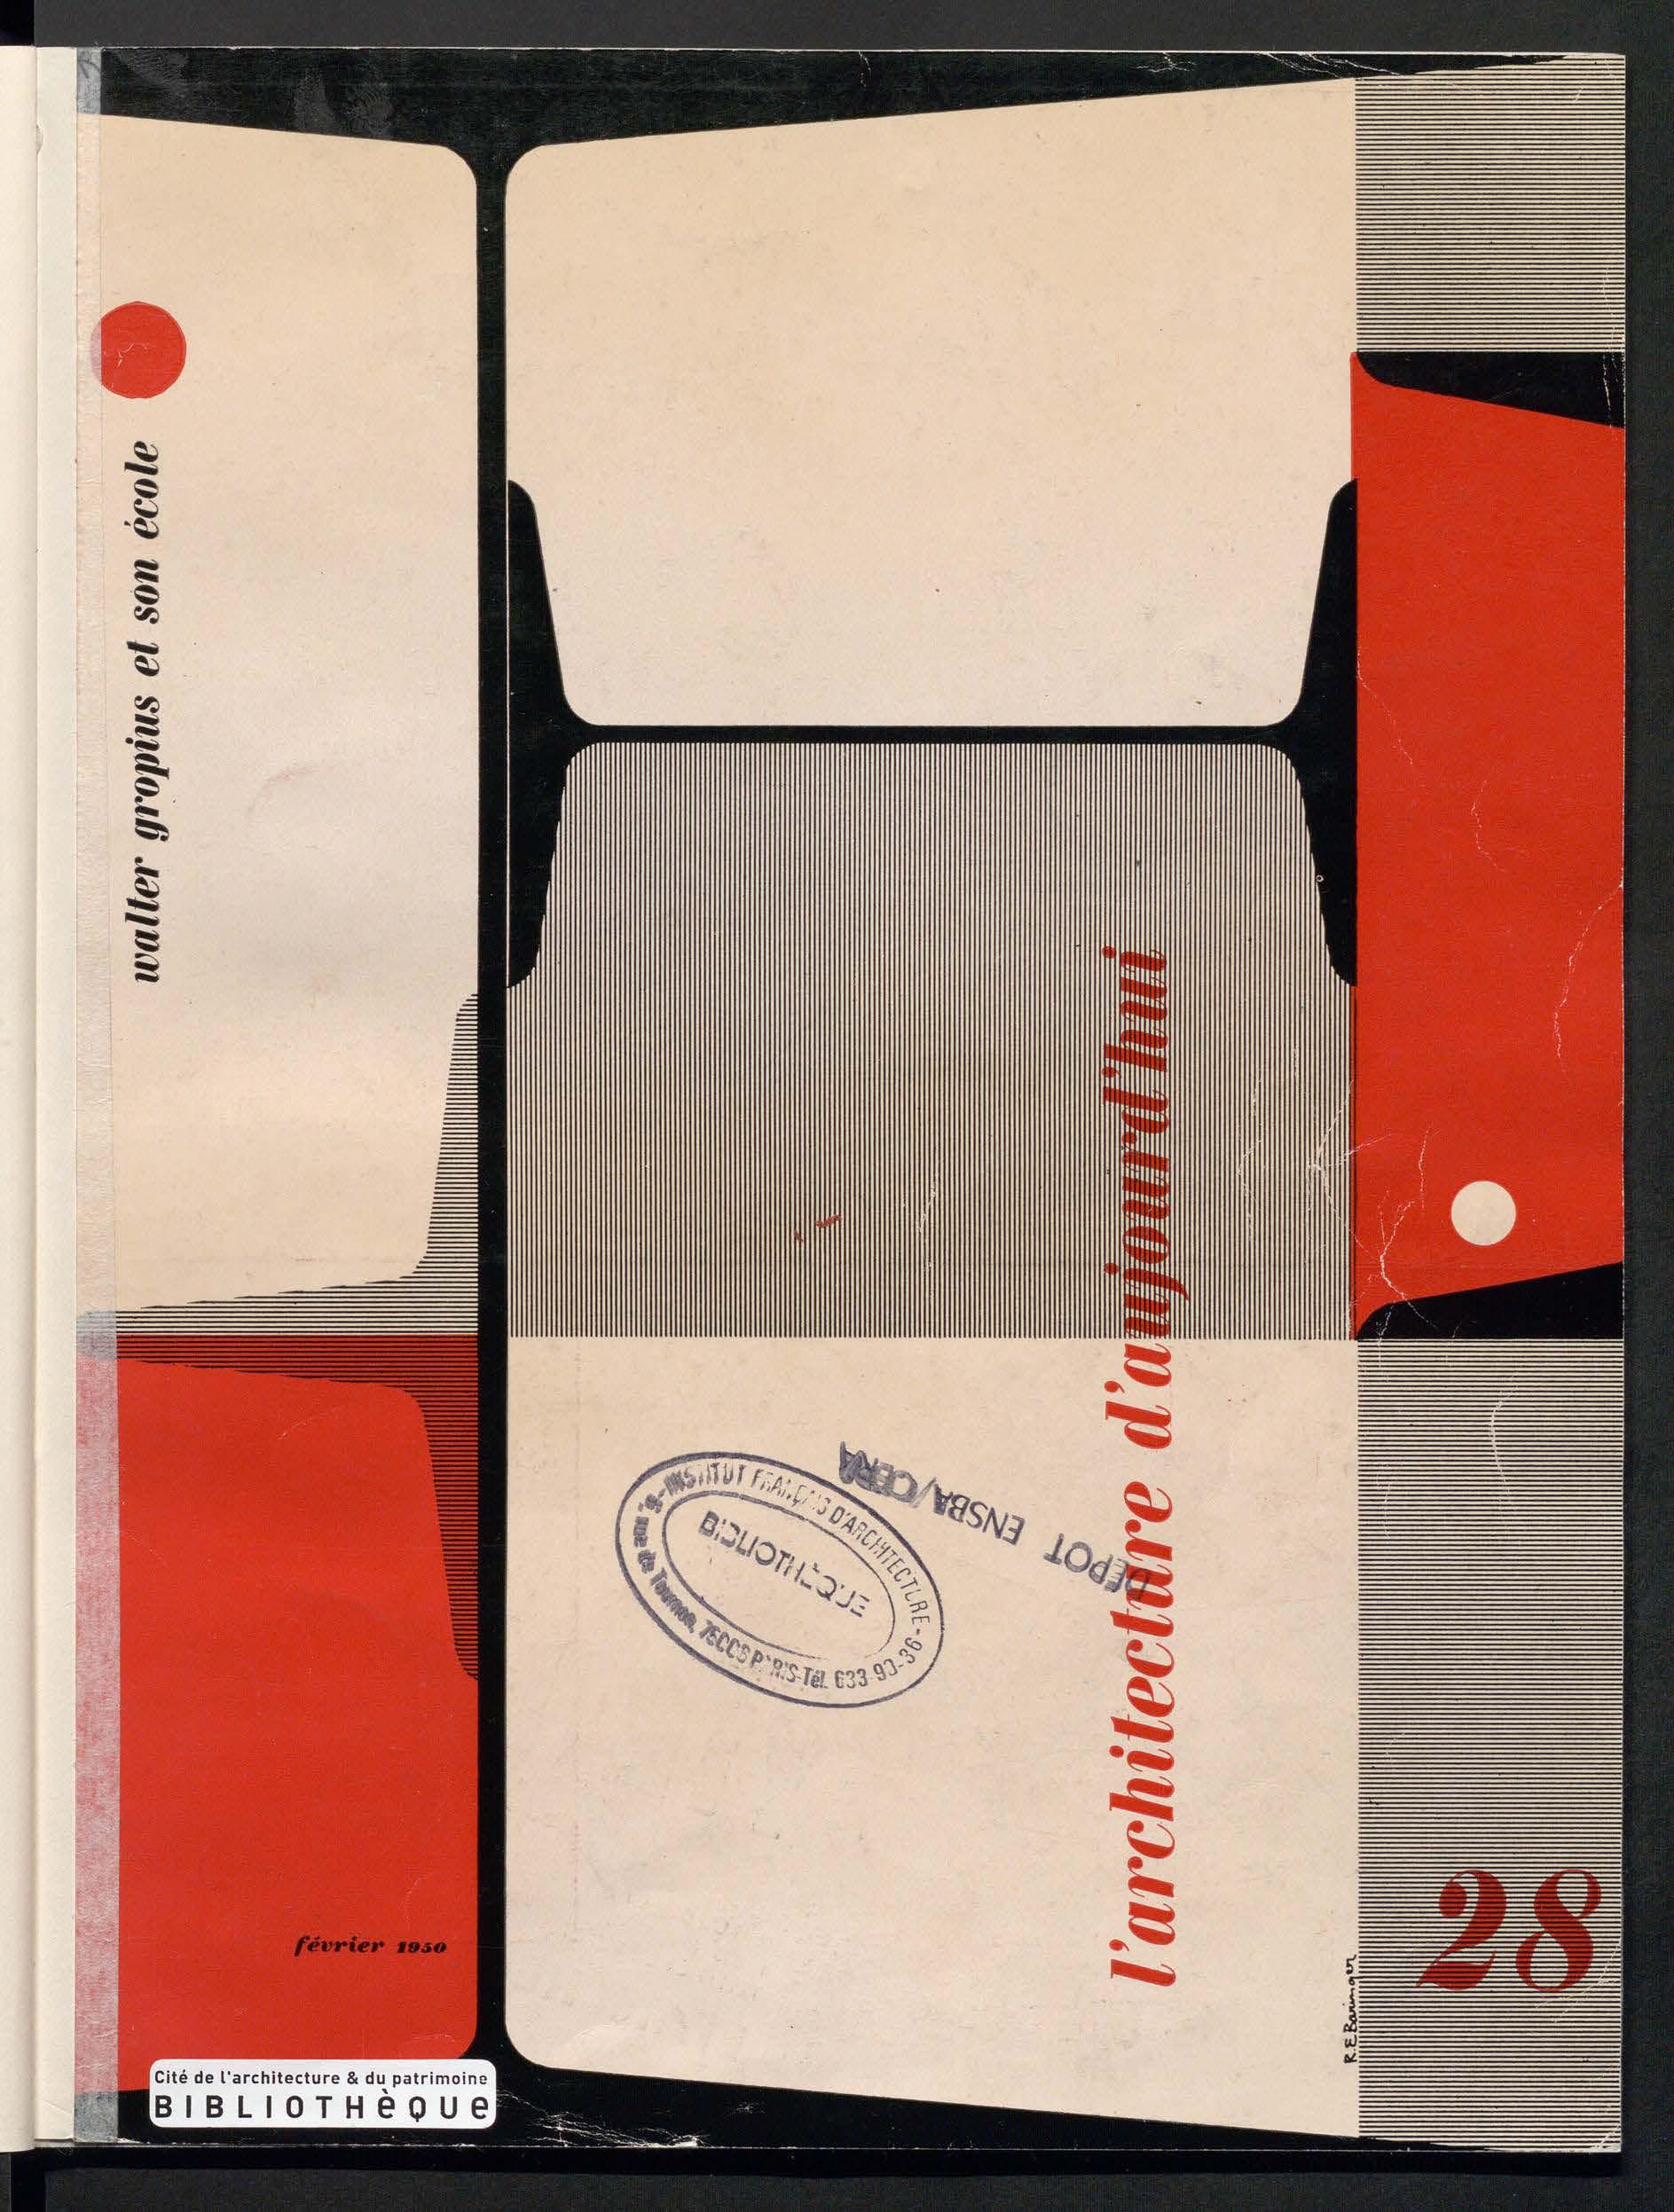 L'Architecture d'aujourd'hui, no. 28, 1950 |